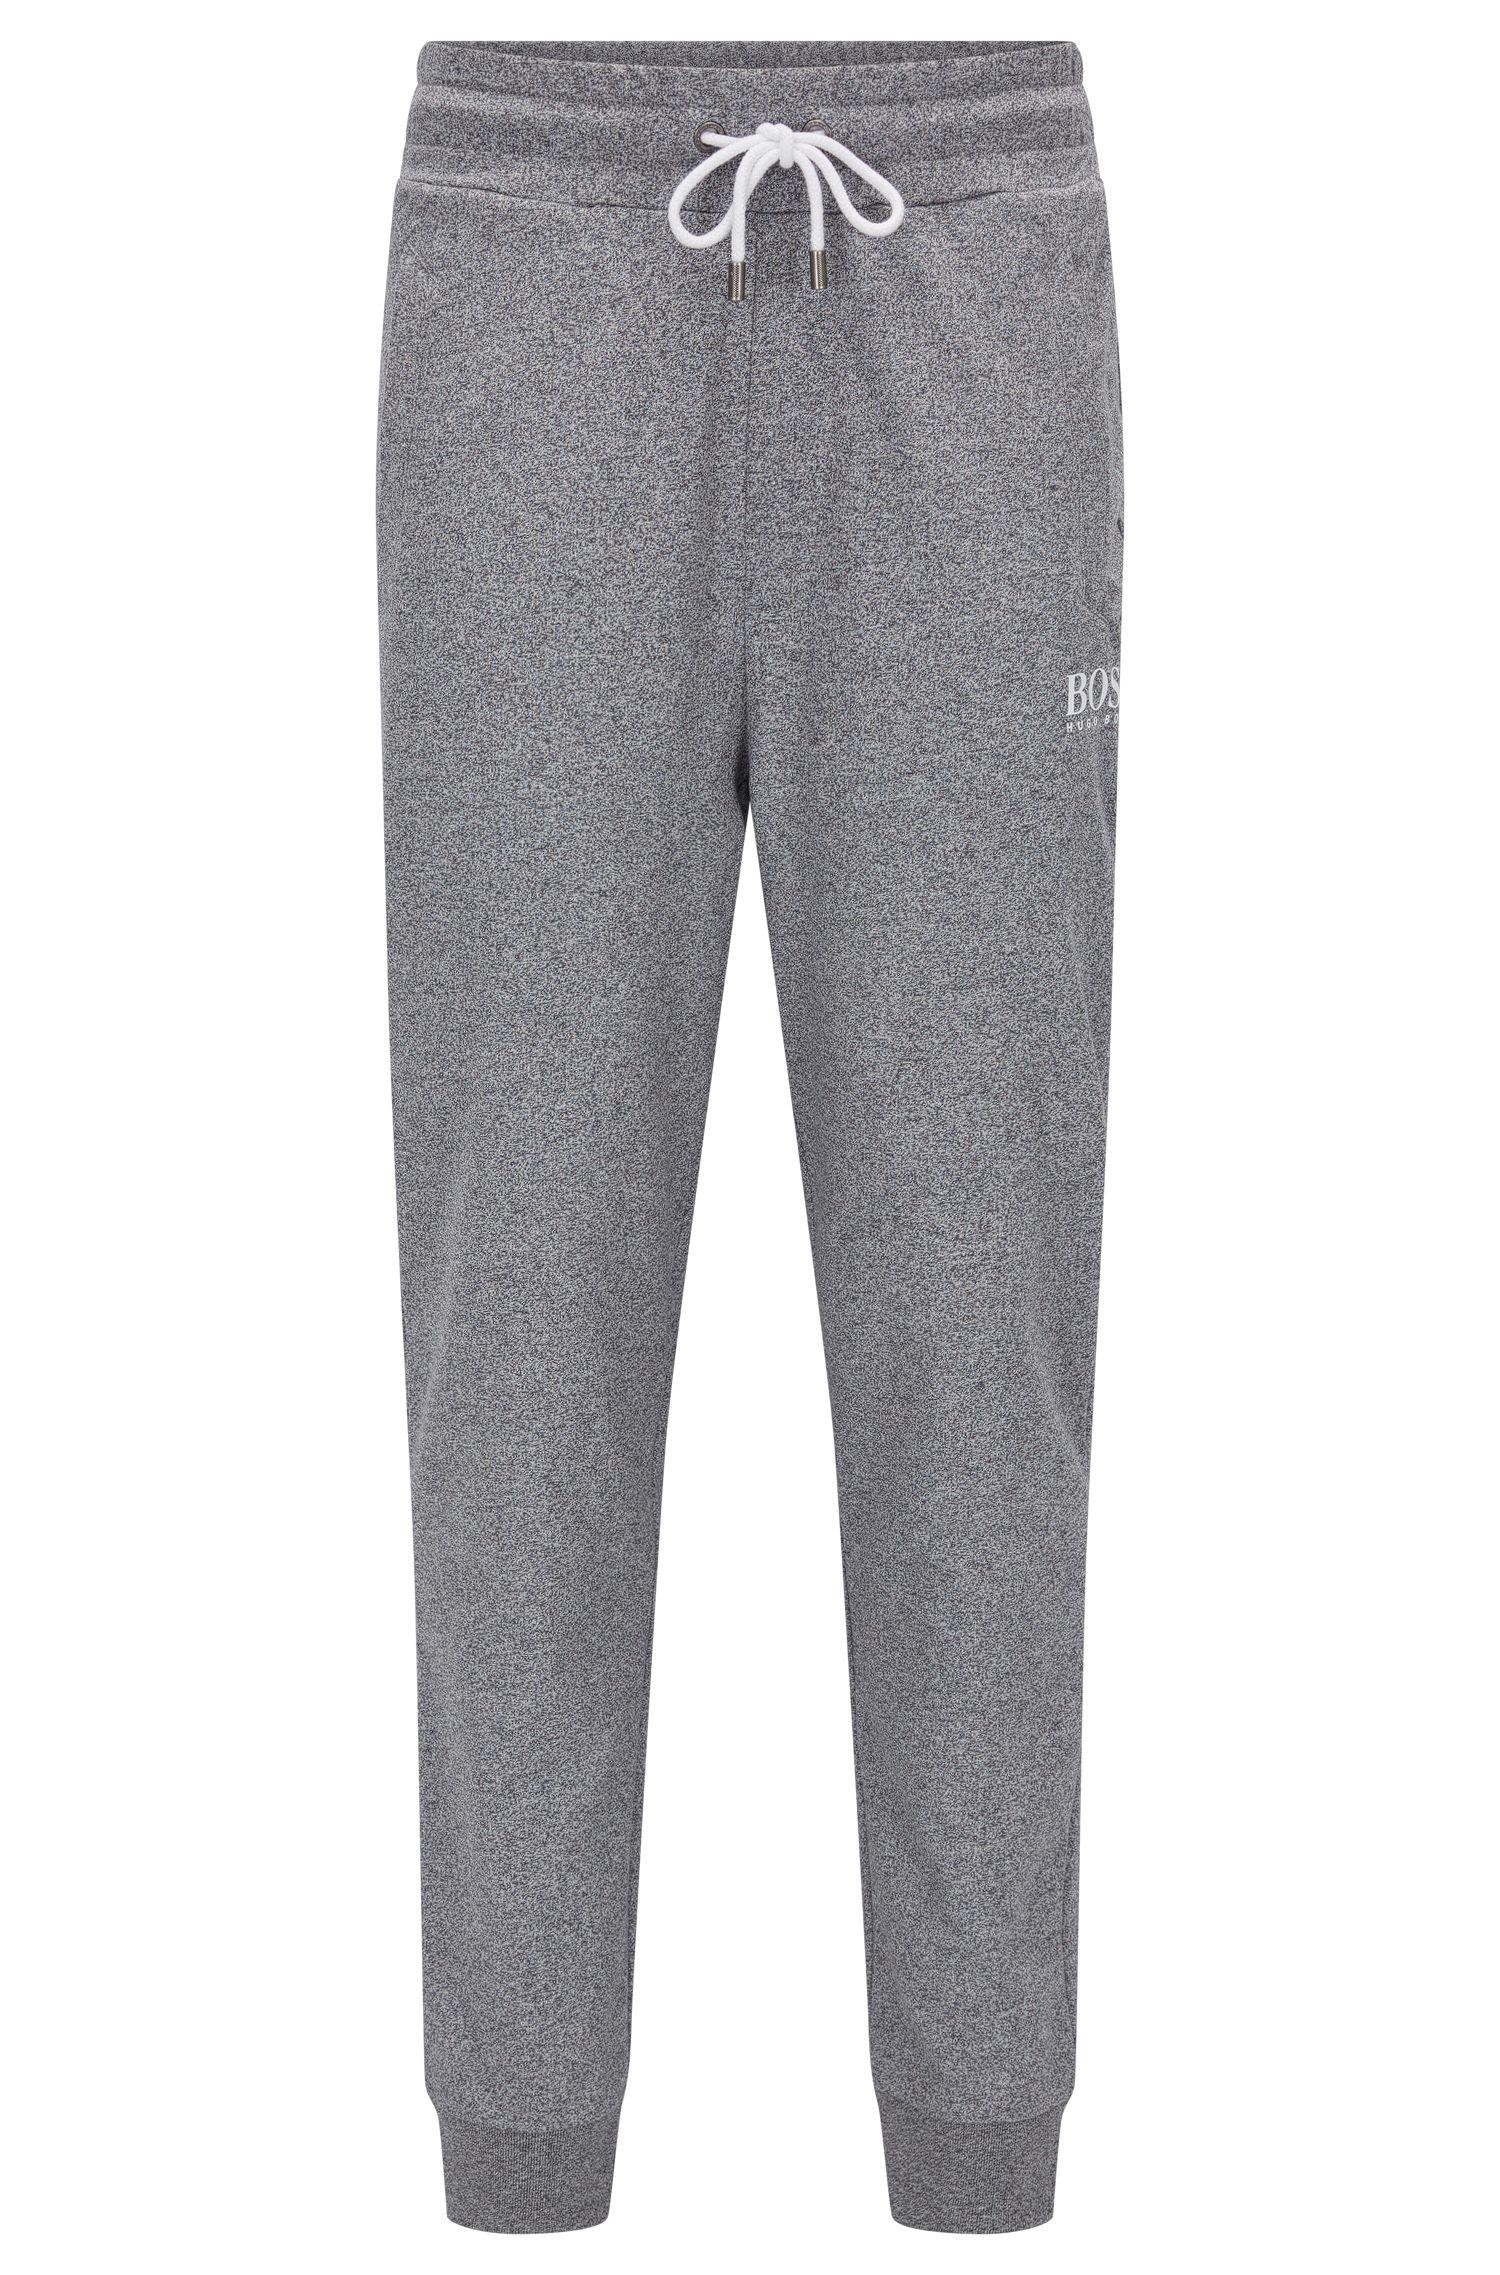 Pantalon d'intérieur en tissu éponge avec bordures côtelées au bas des jambes